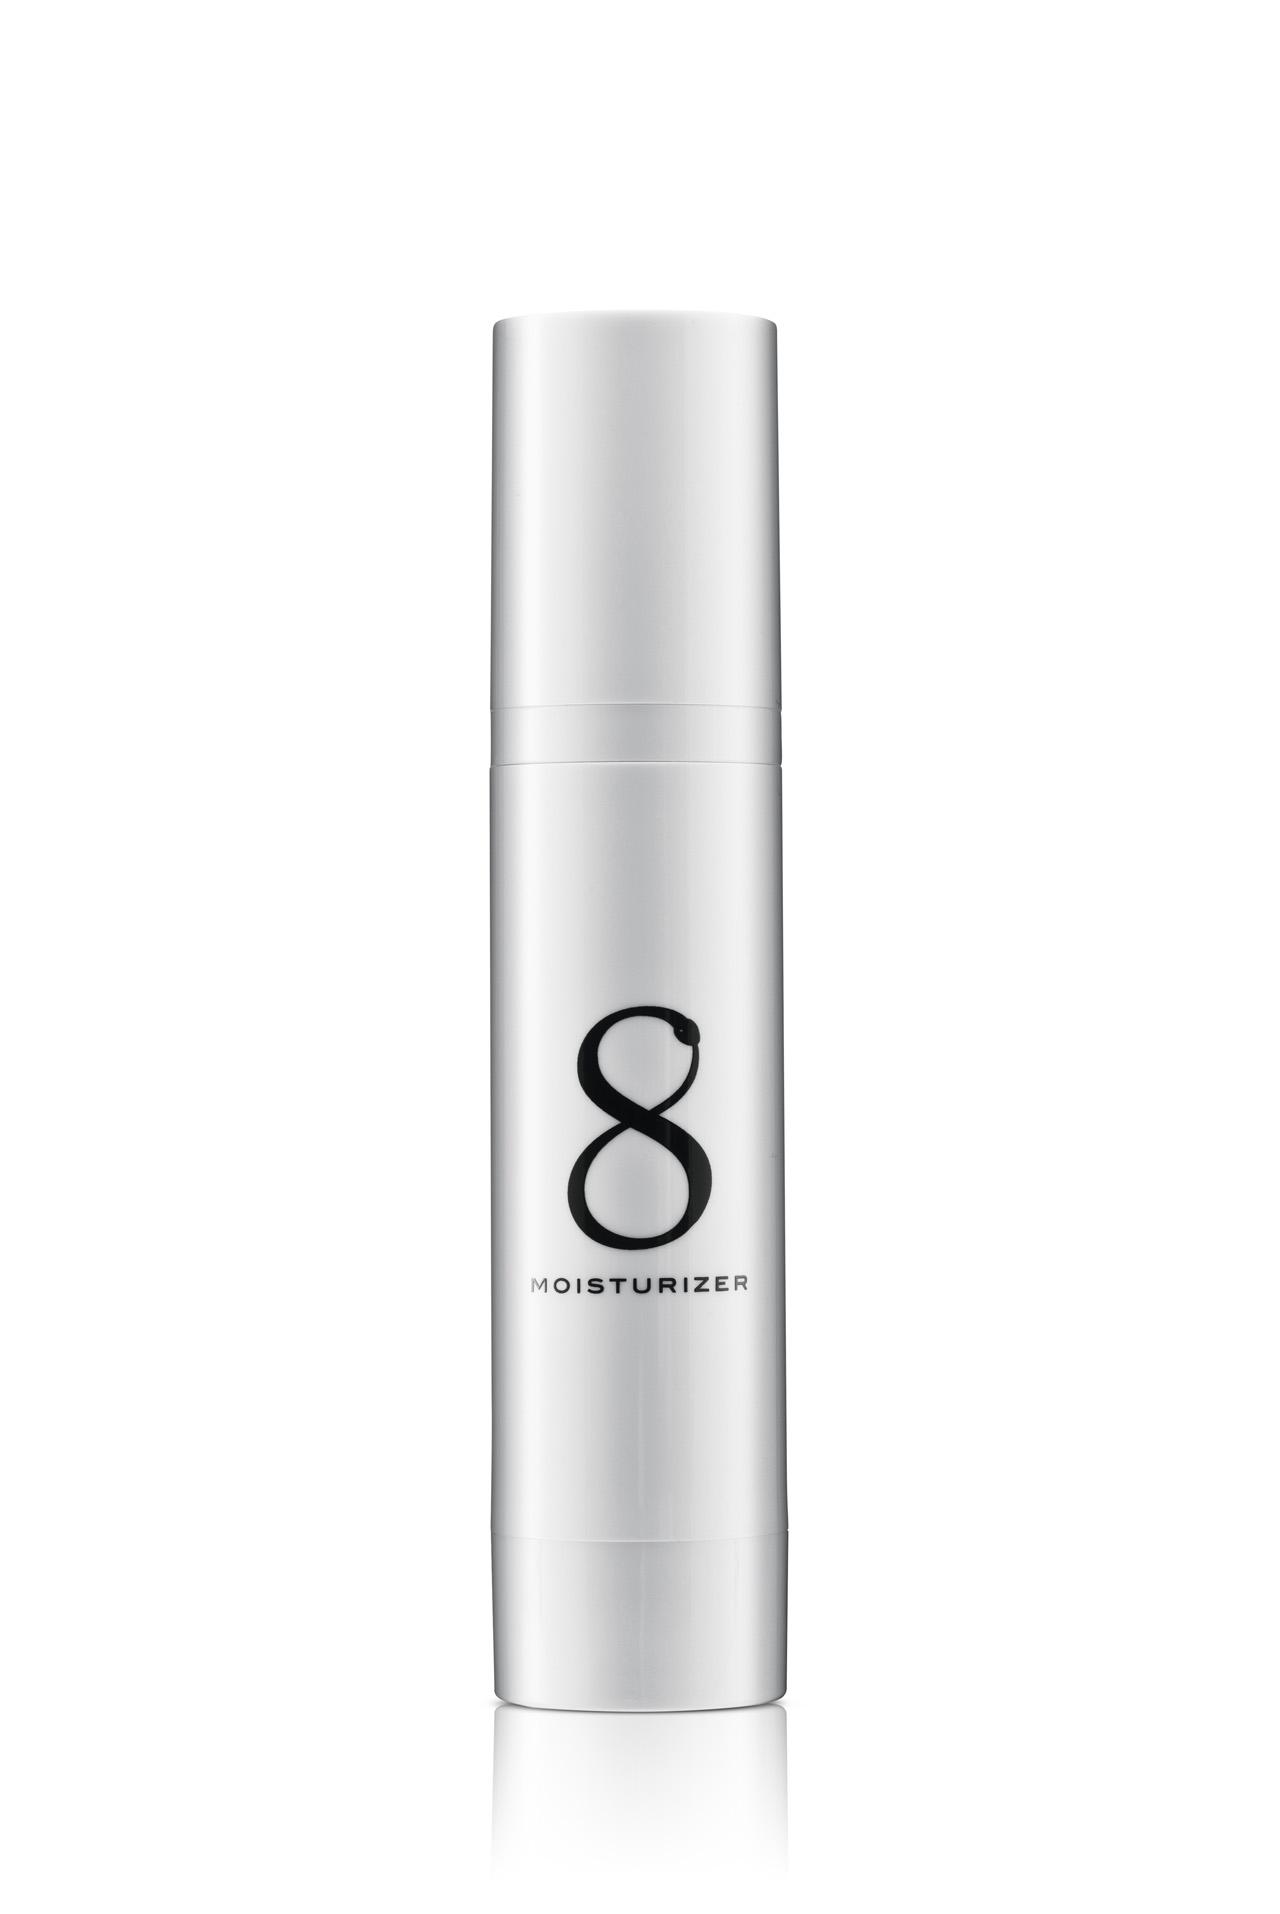 serum8_moisturizer_L4Q2586_72dpi_rgb